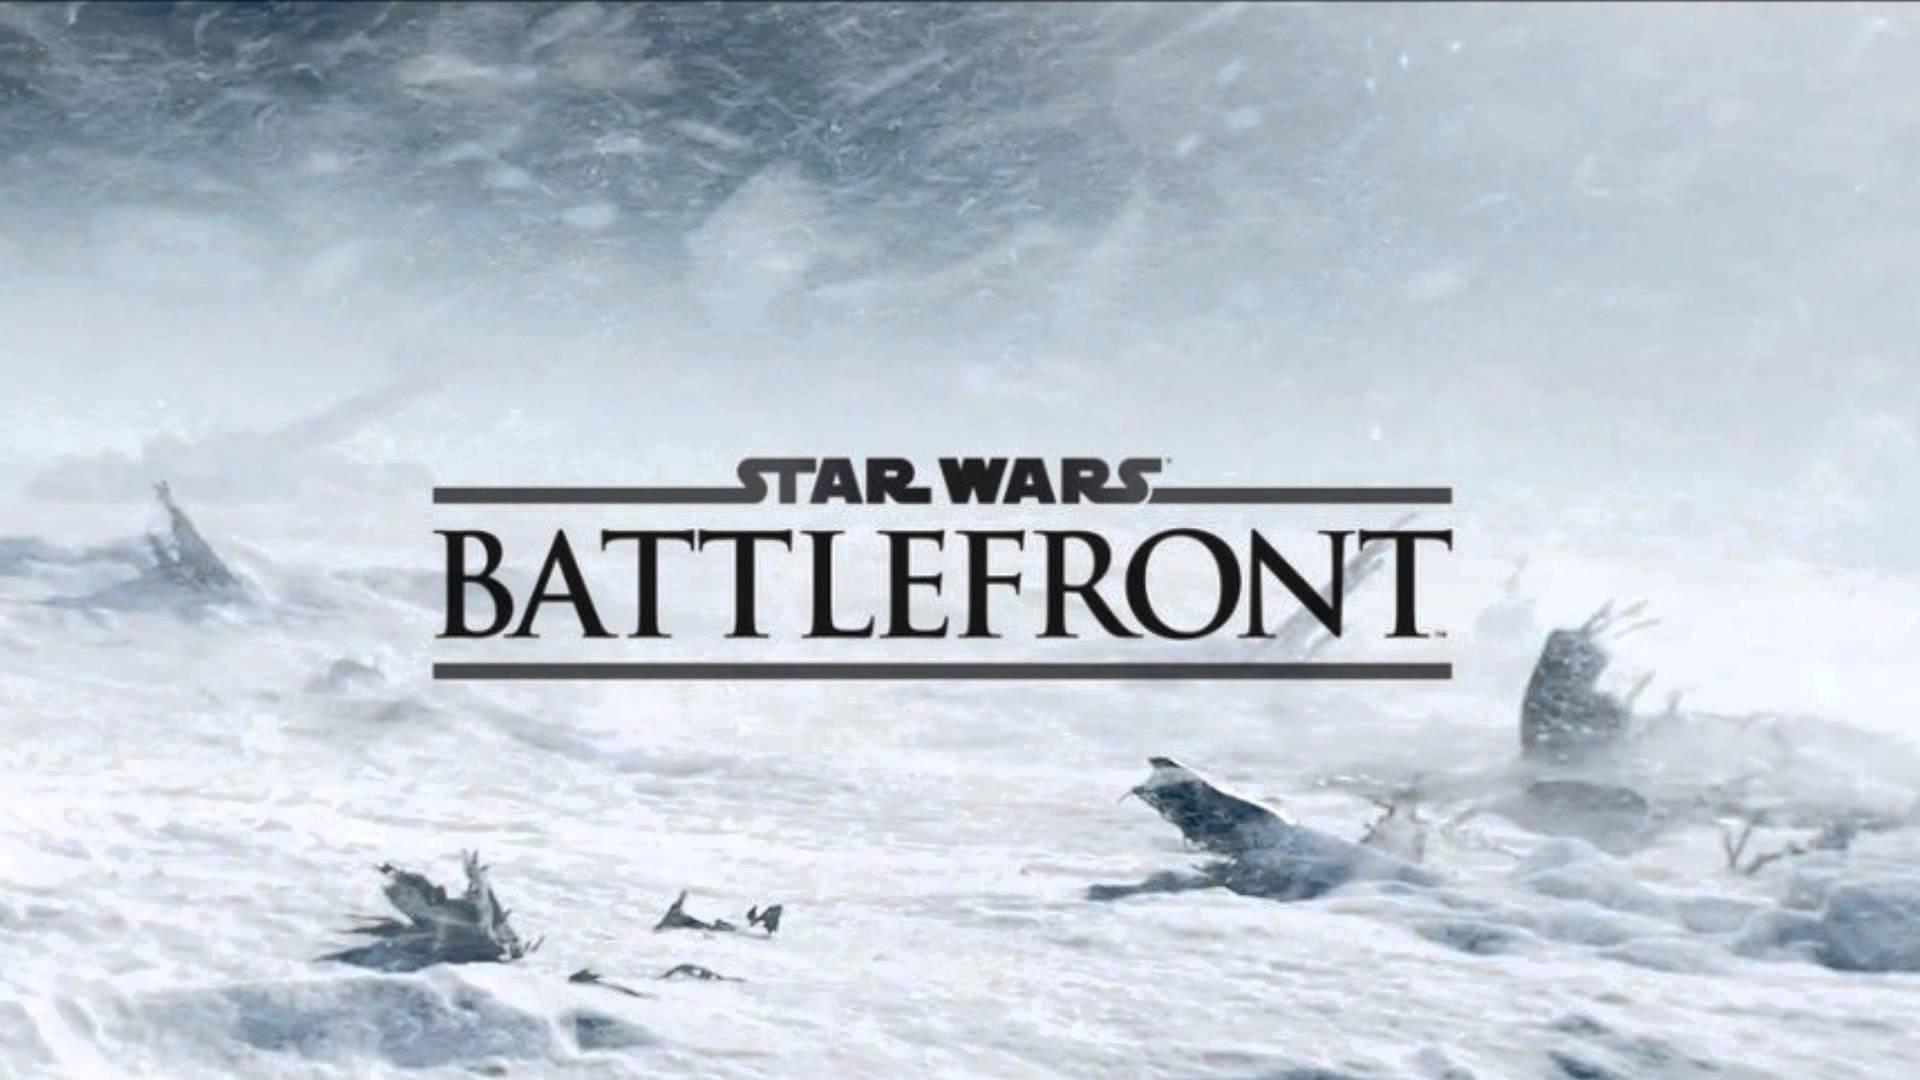 وجود کلاس های متفاوت در بازی Star Wars: Battlefront منتفی شده است